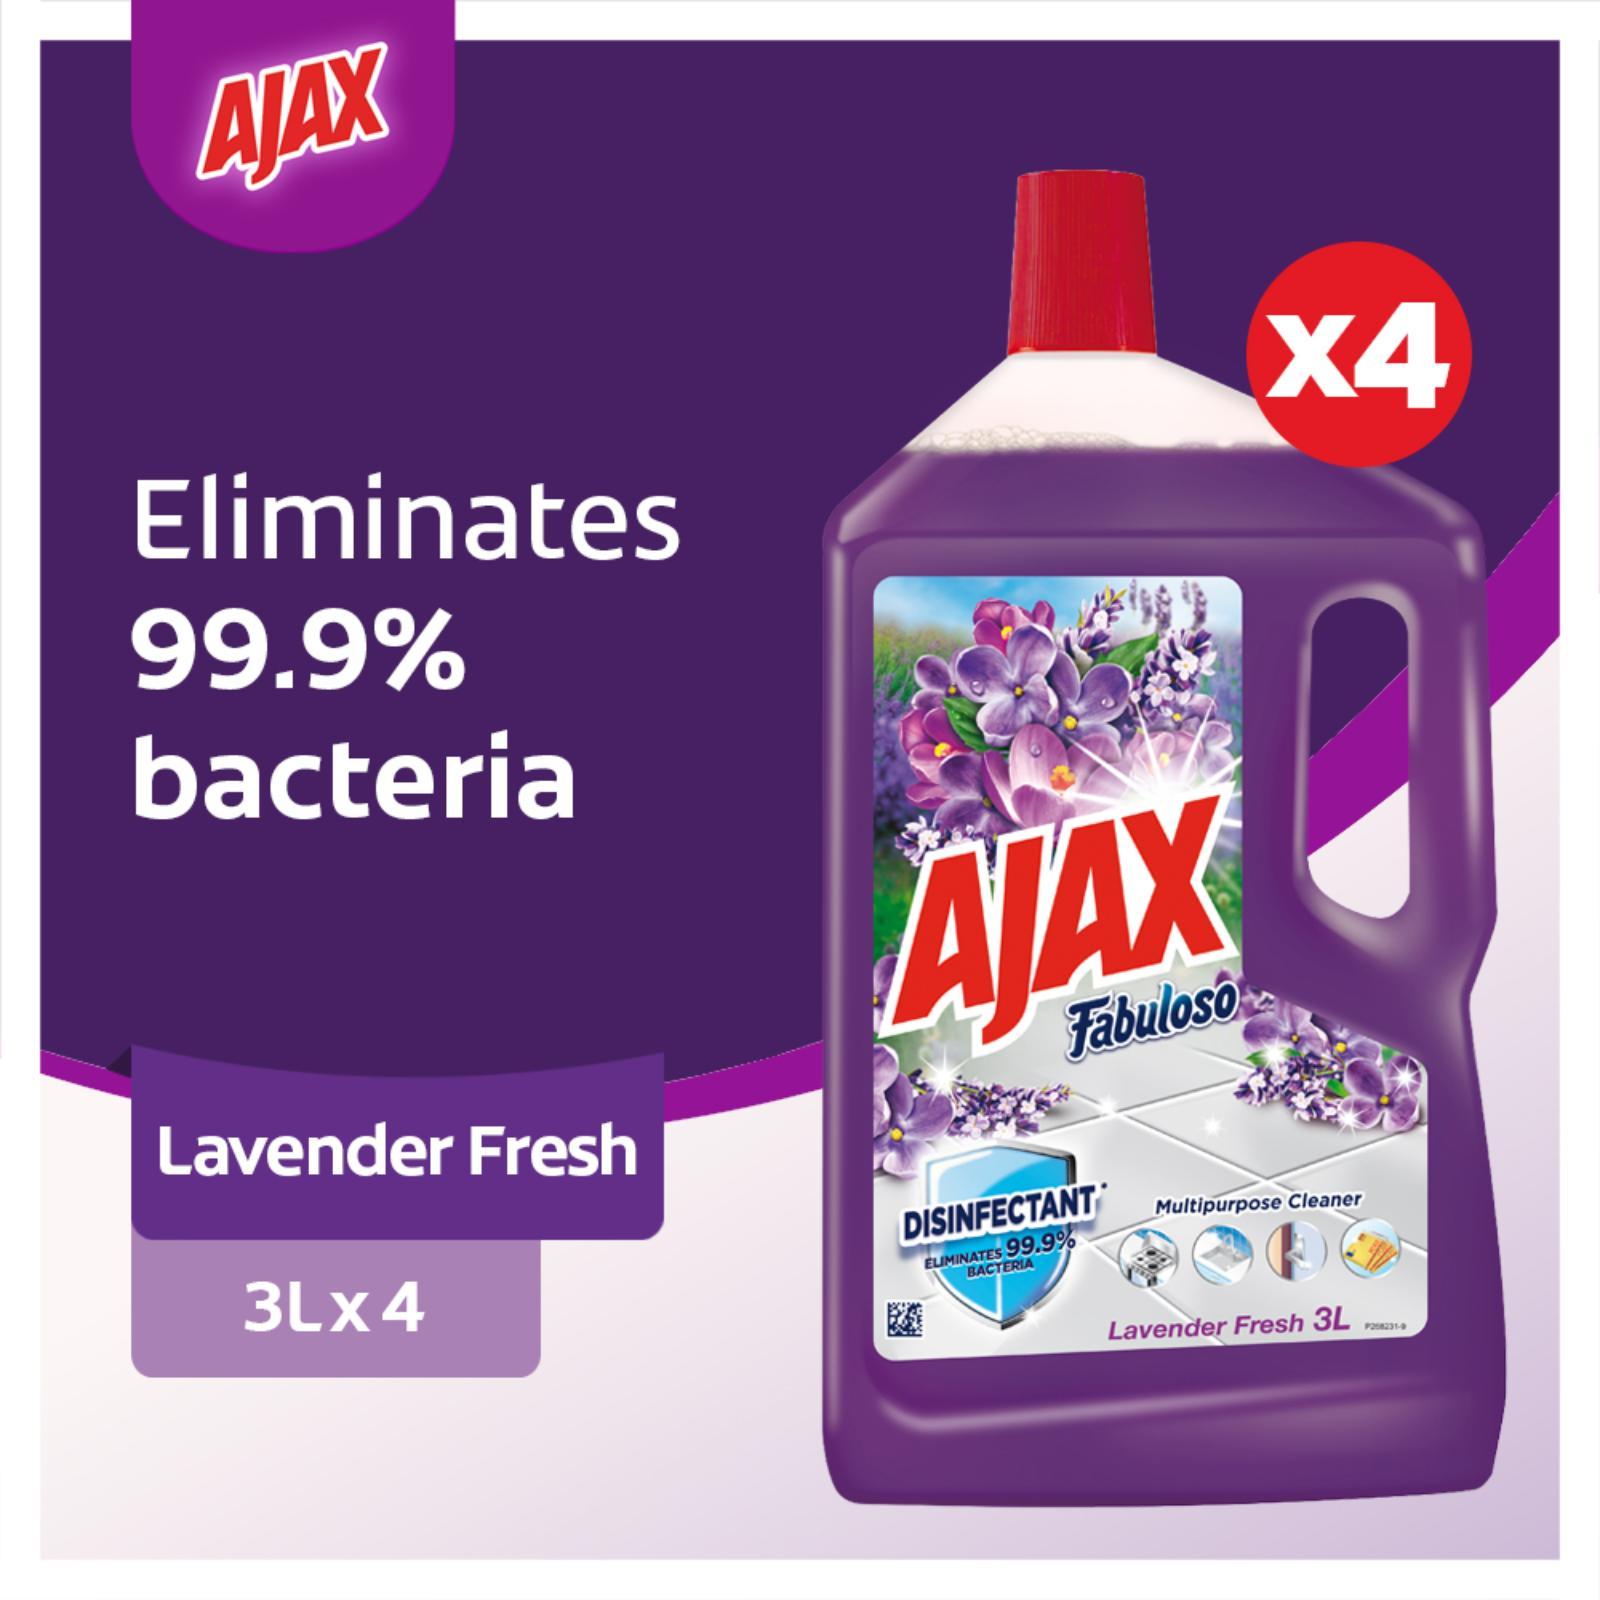 Ajax Fabuloso Lavender Multi Purpose Floor Cleaner 3L [Case of 4] Value Deal